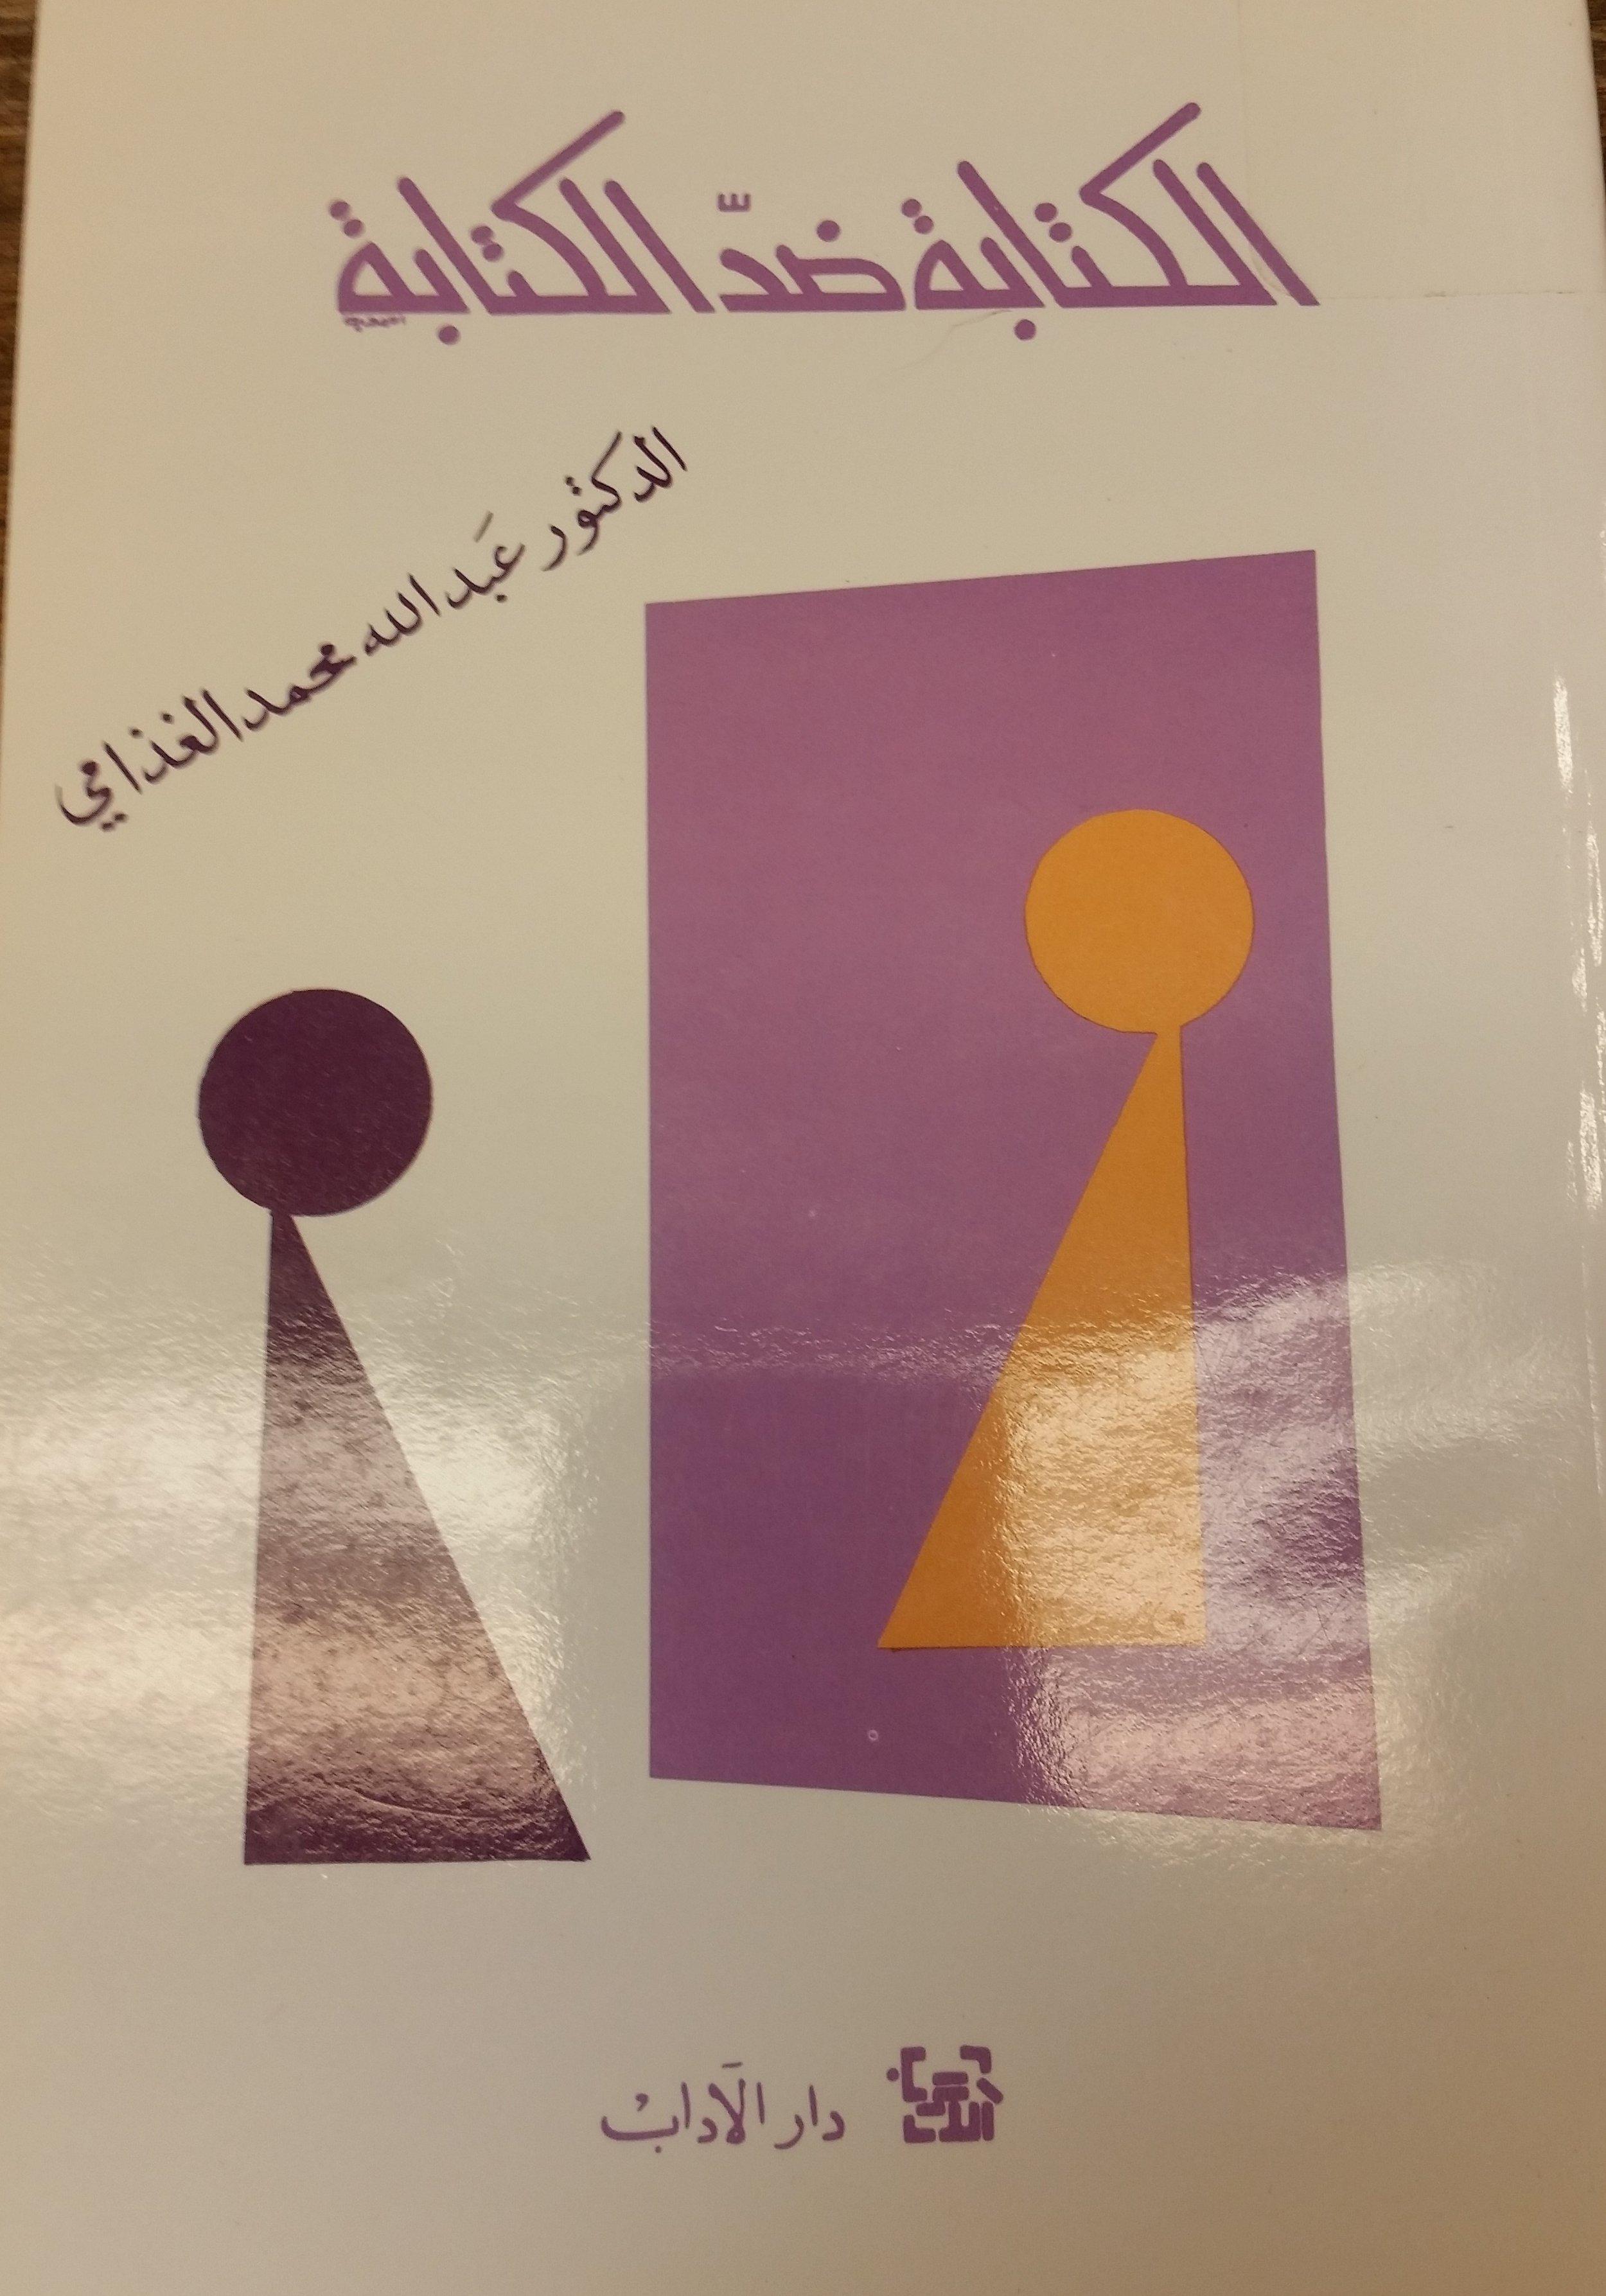 ʻAbd Allāh Muḥammad al-Ghadhdhāmī's  al-Kitābah ḍidd al-Kitābah  (Bayrūt : Dār al-Ādāb, 1991)